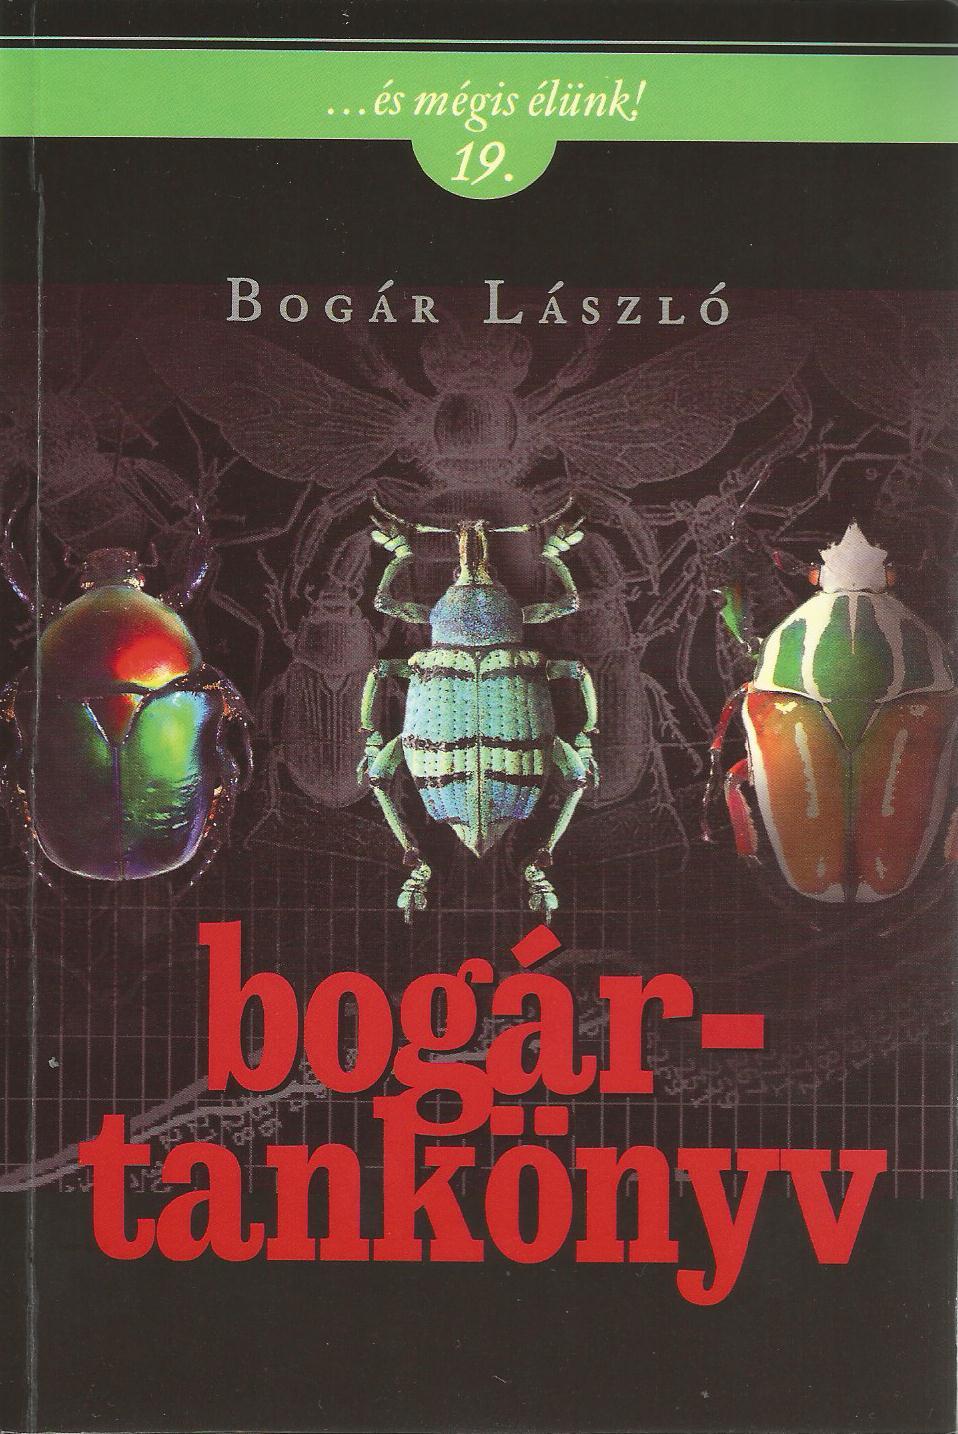 Bogár László: bogártankönyv